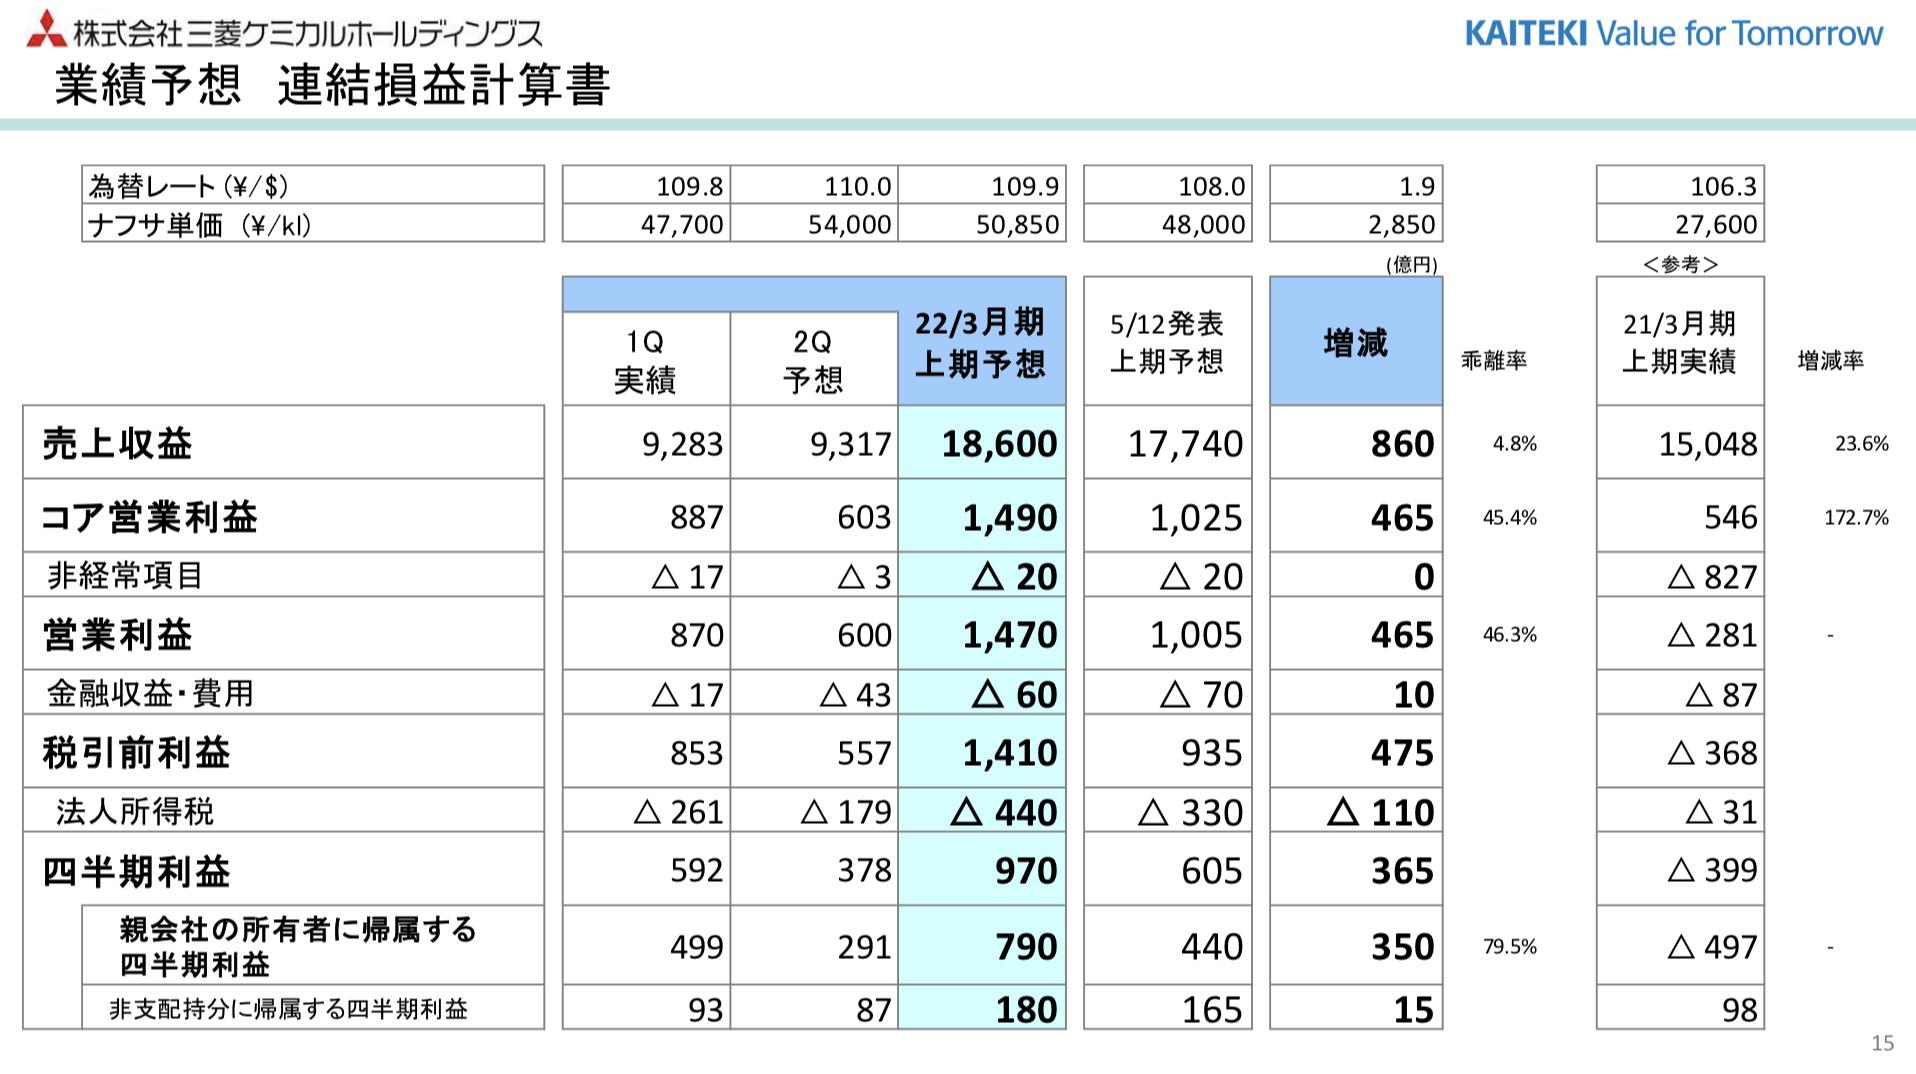 三菱ケミカルホールディングス 2021年度1Q決算を徹底解説! さとり世代の株日記 資産運用 株 投資 資産形成 株式投資